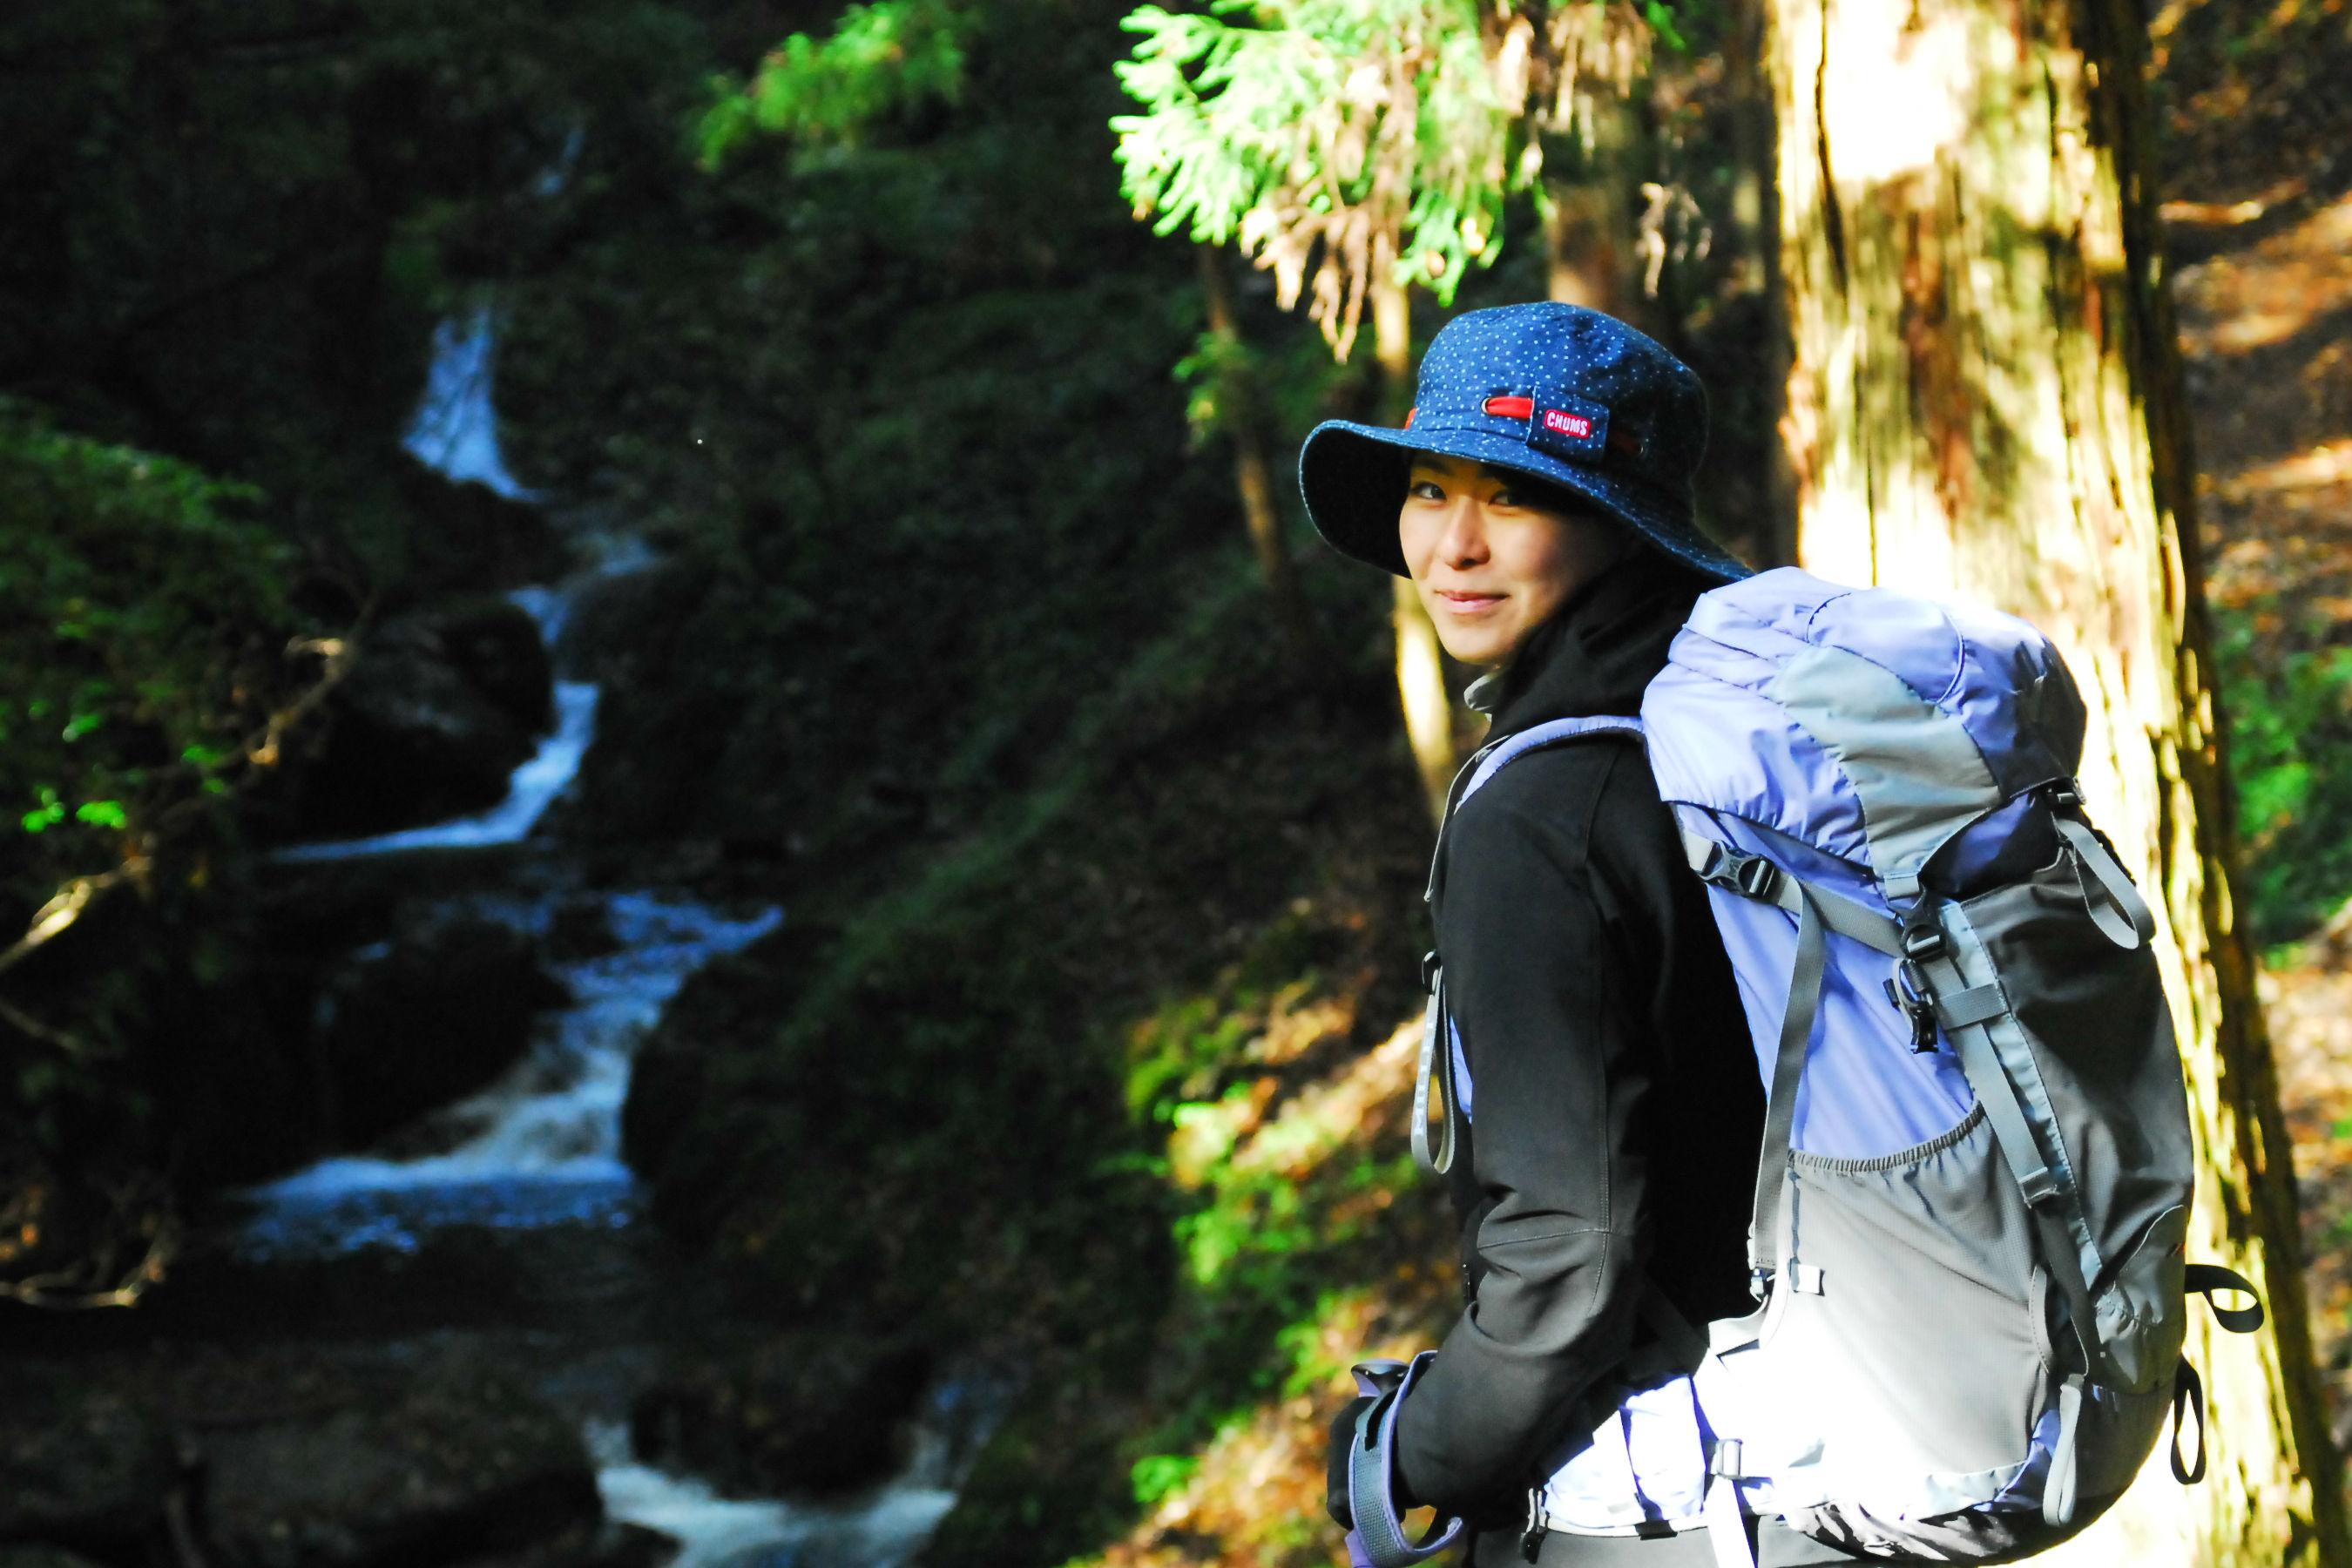 【兵庫・養父市】落差98mの滝を堪能!天滝ハイキング(3時間)